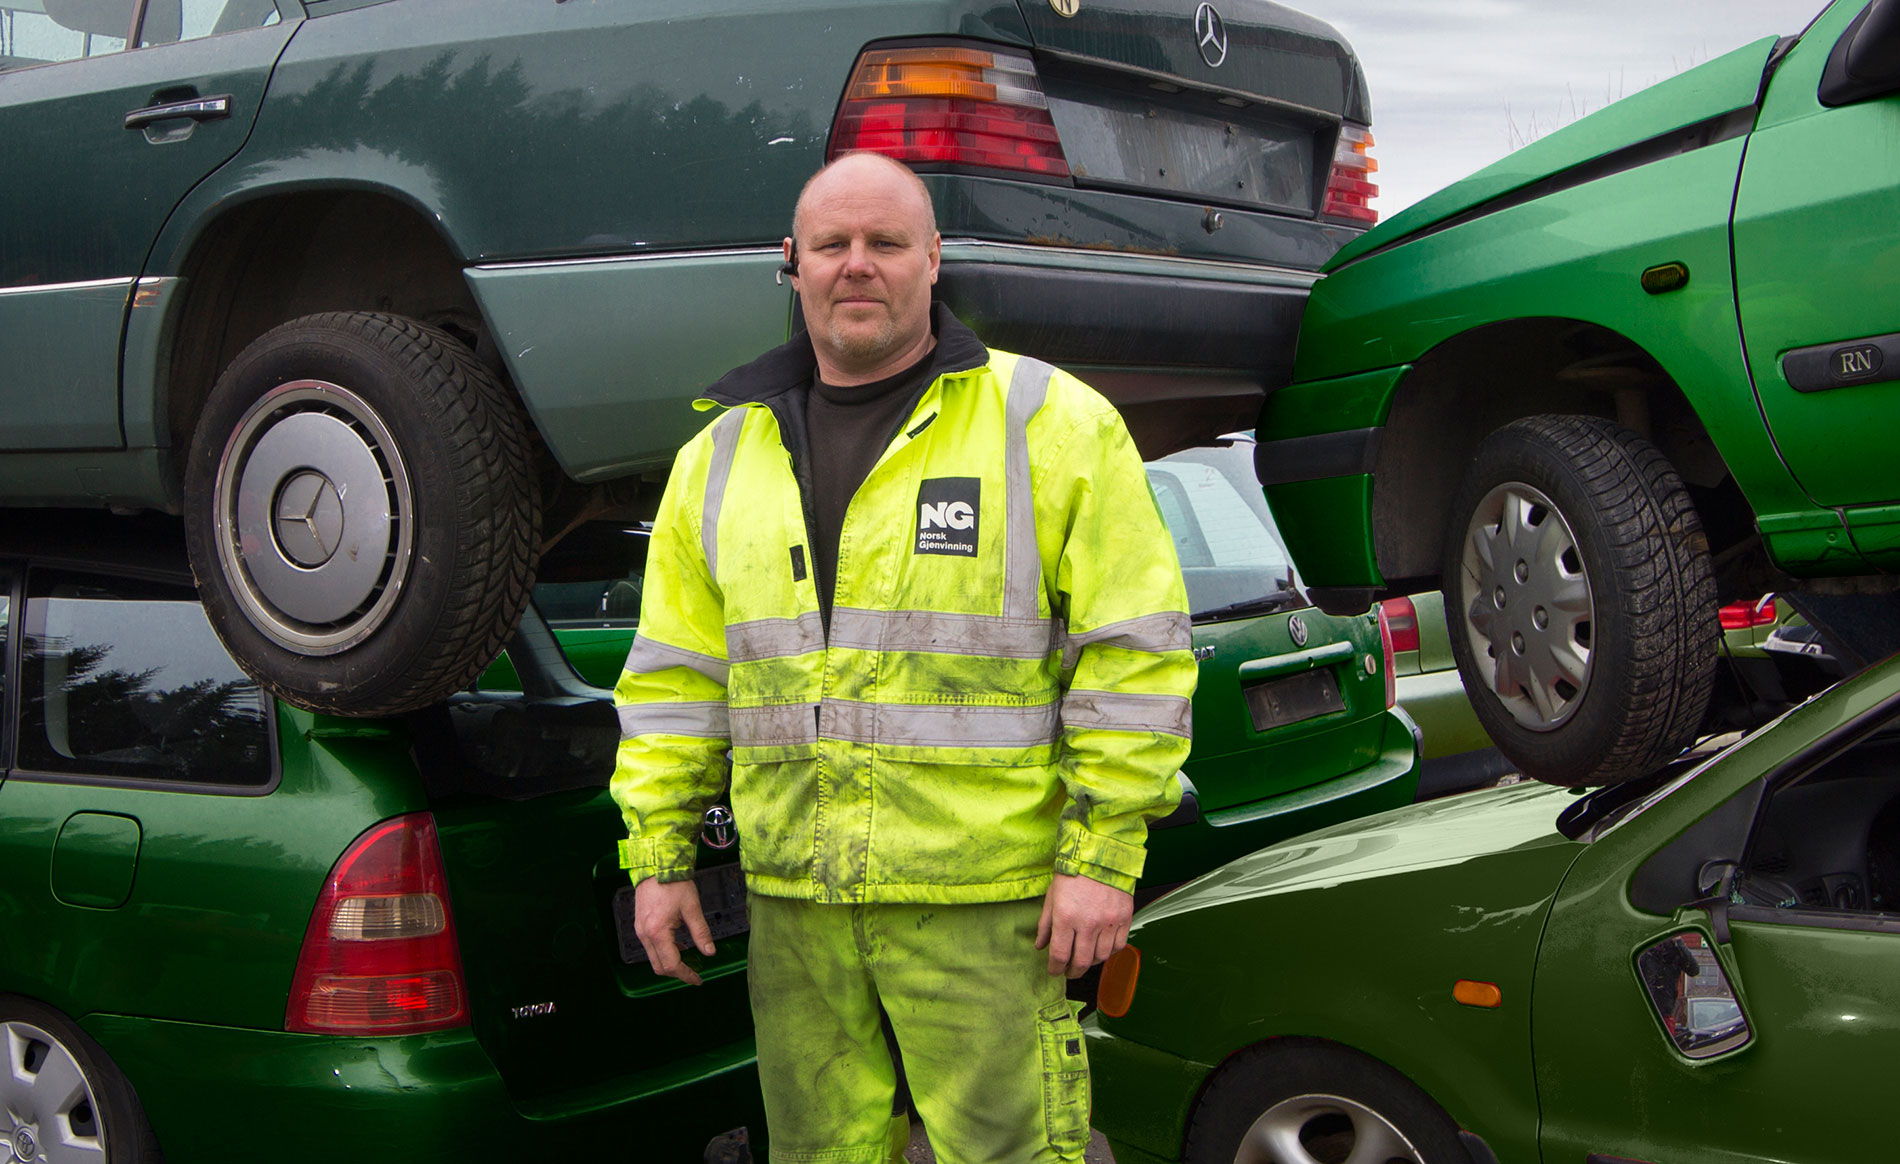 Leter du etter din nærmeste biloppsamler eller forhandler av brukte bildeler?